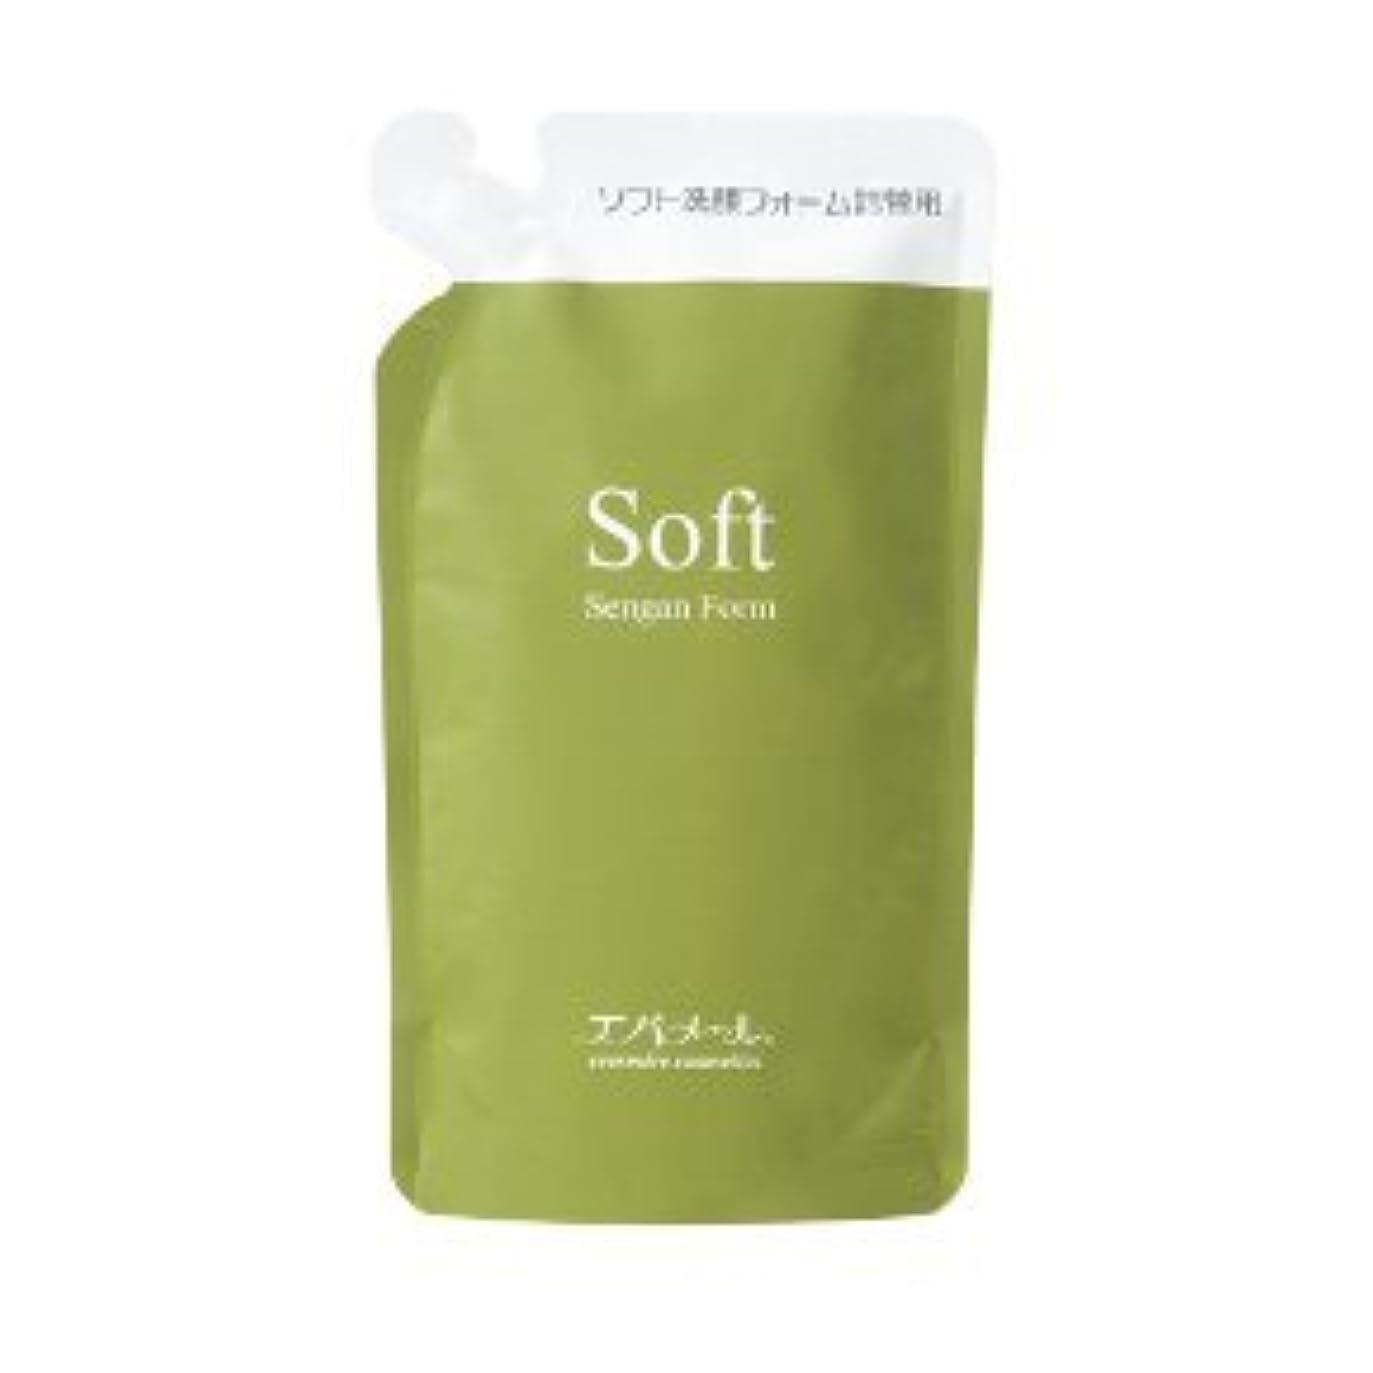 無限大航空便翻訳エバメール ソフト洗顔フォーム 200ml レフィル